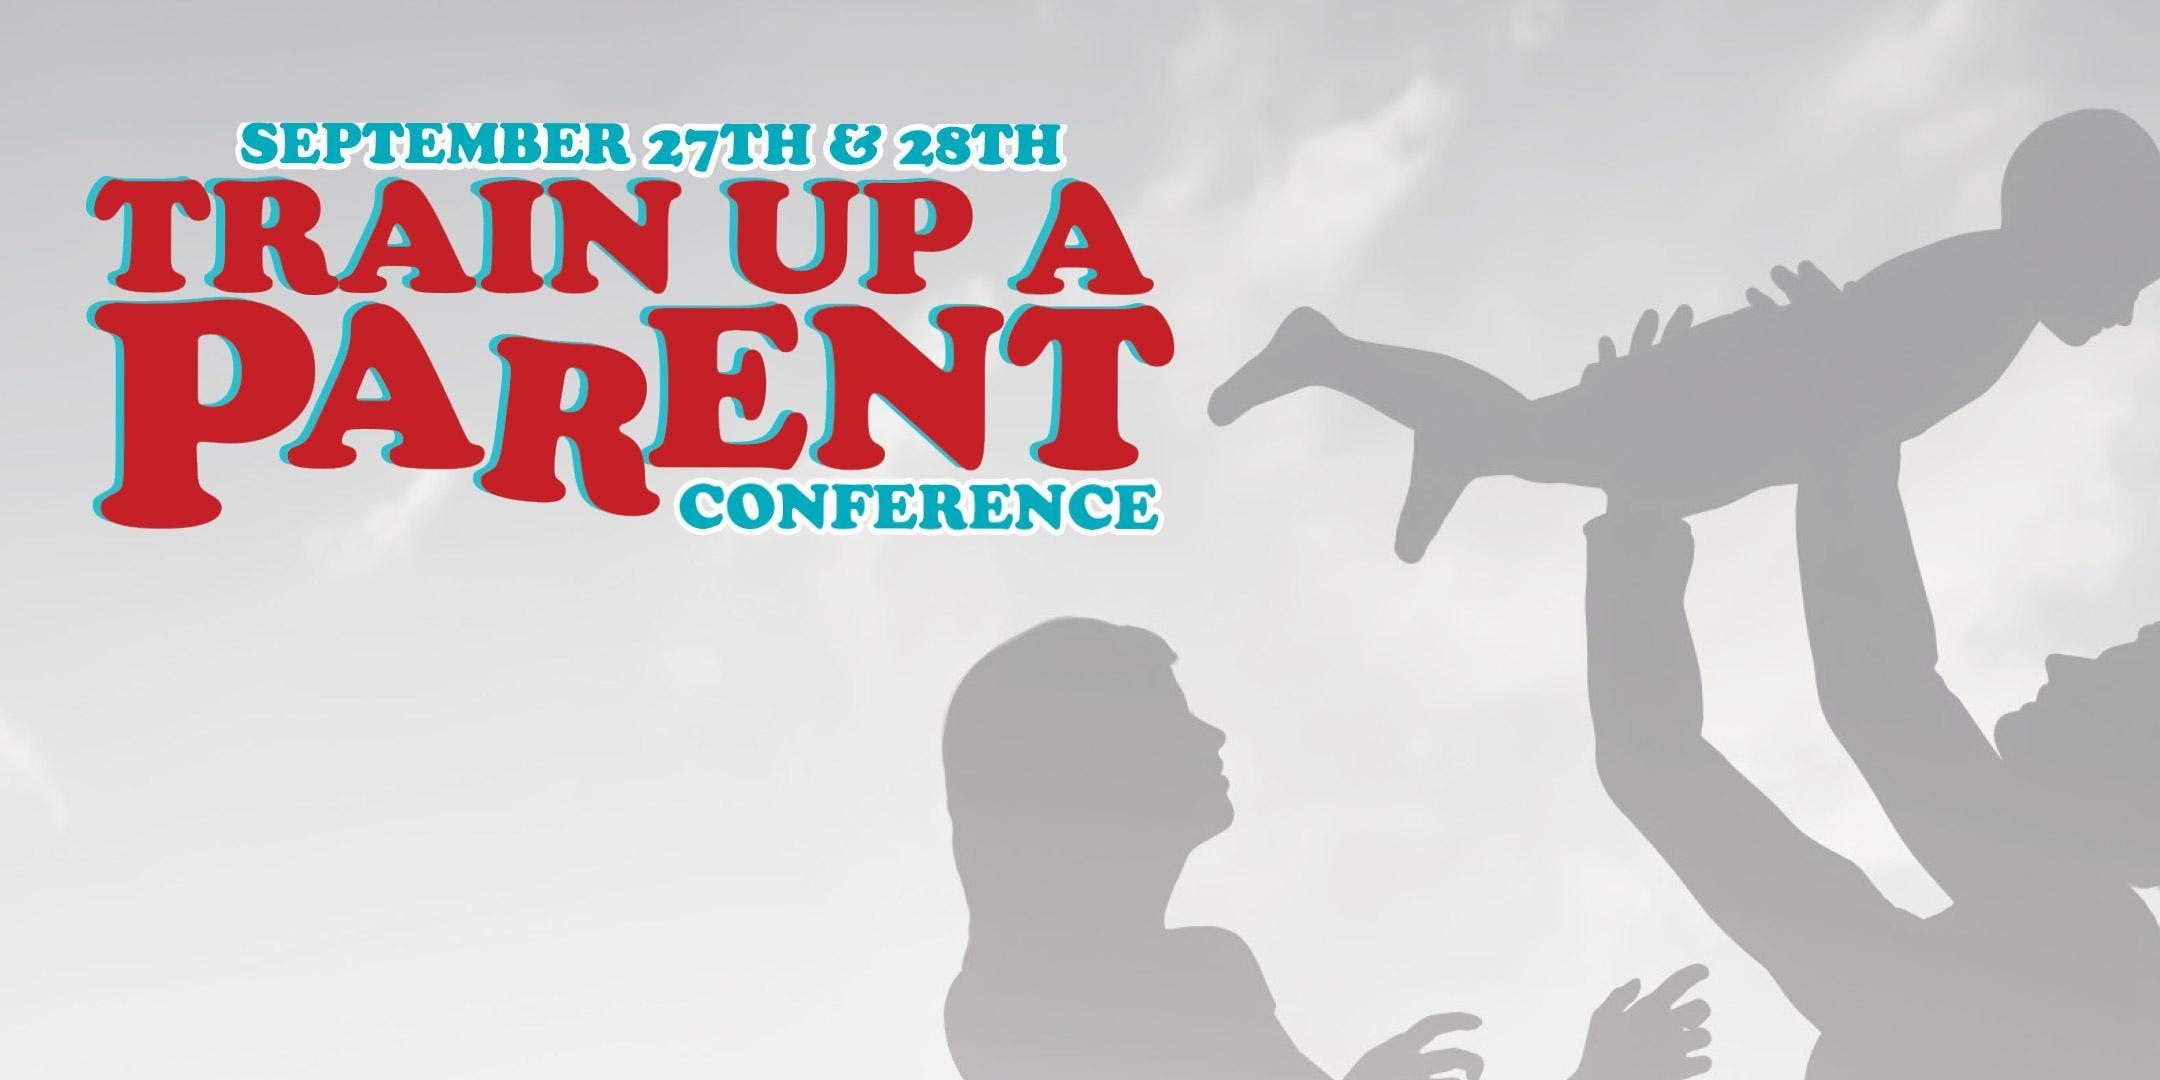 Train Up A Parent Conference 2018